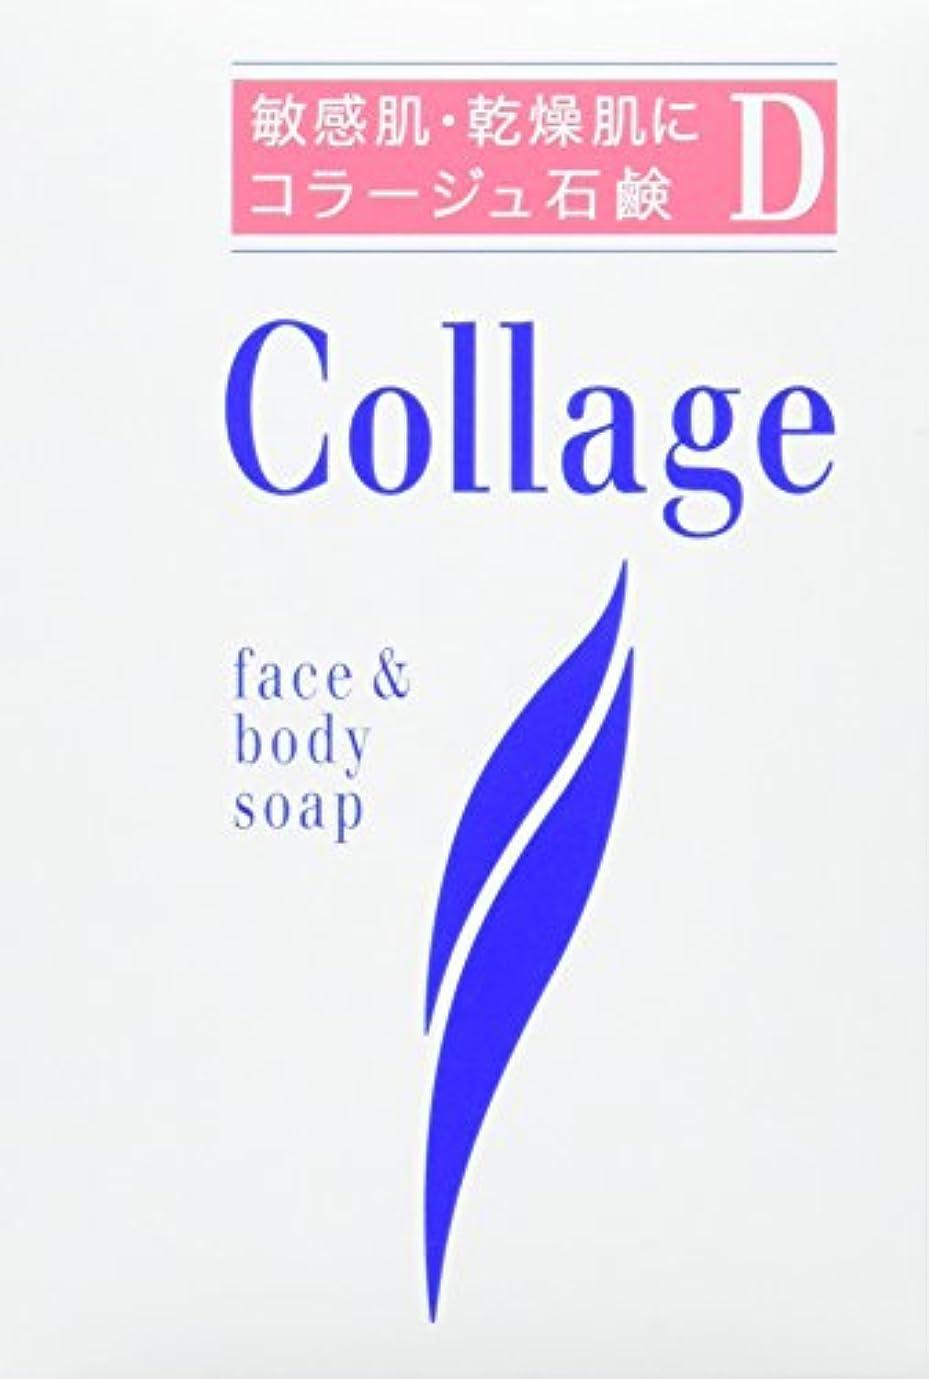 ゼリードール列挙するコラージュ D乾性肌用石鹸 100g